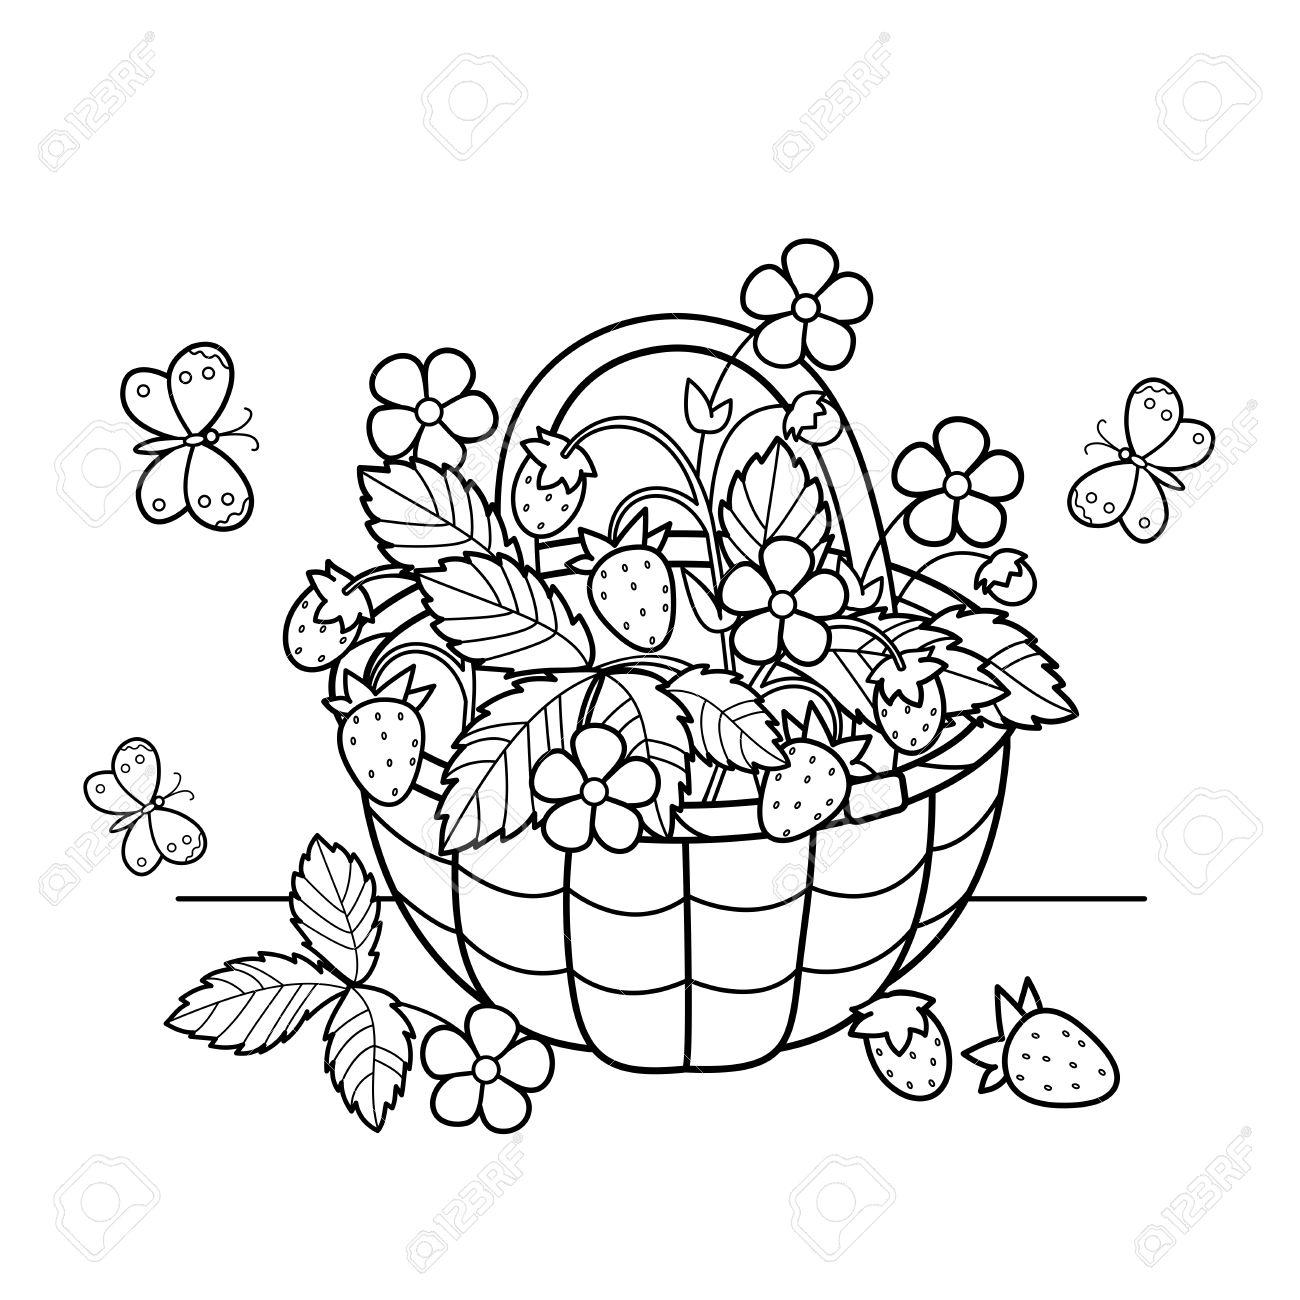 Coloriage Panier De Fraises.Coloriage Outline Of Panier De Bande Dessinee De Baies Garden Fraise Cadeaux D Ete De La Nature Livre De Coloriage Pour Les Enfants